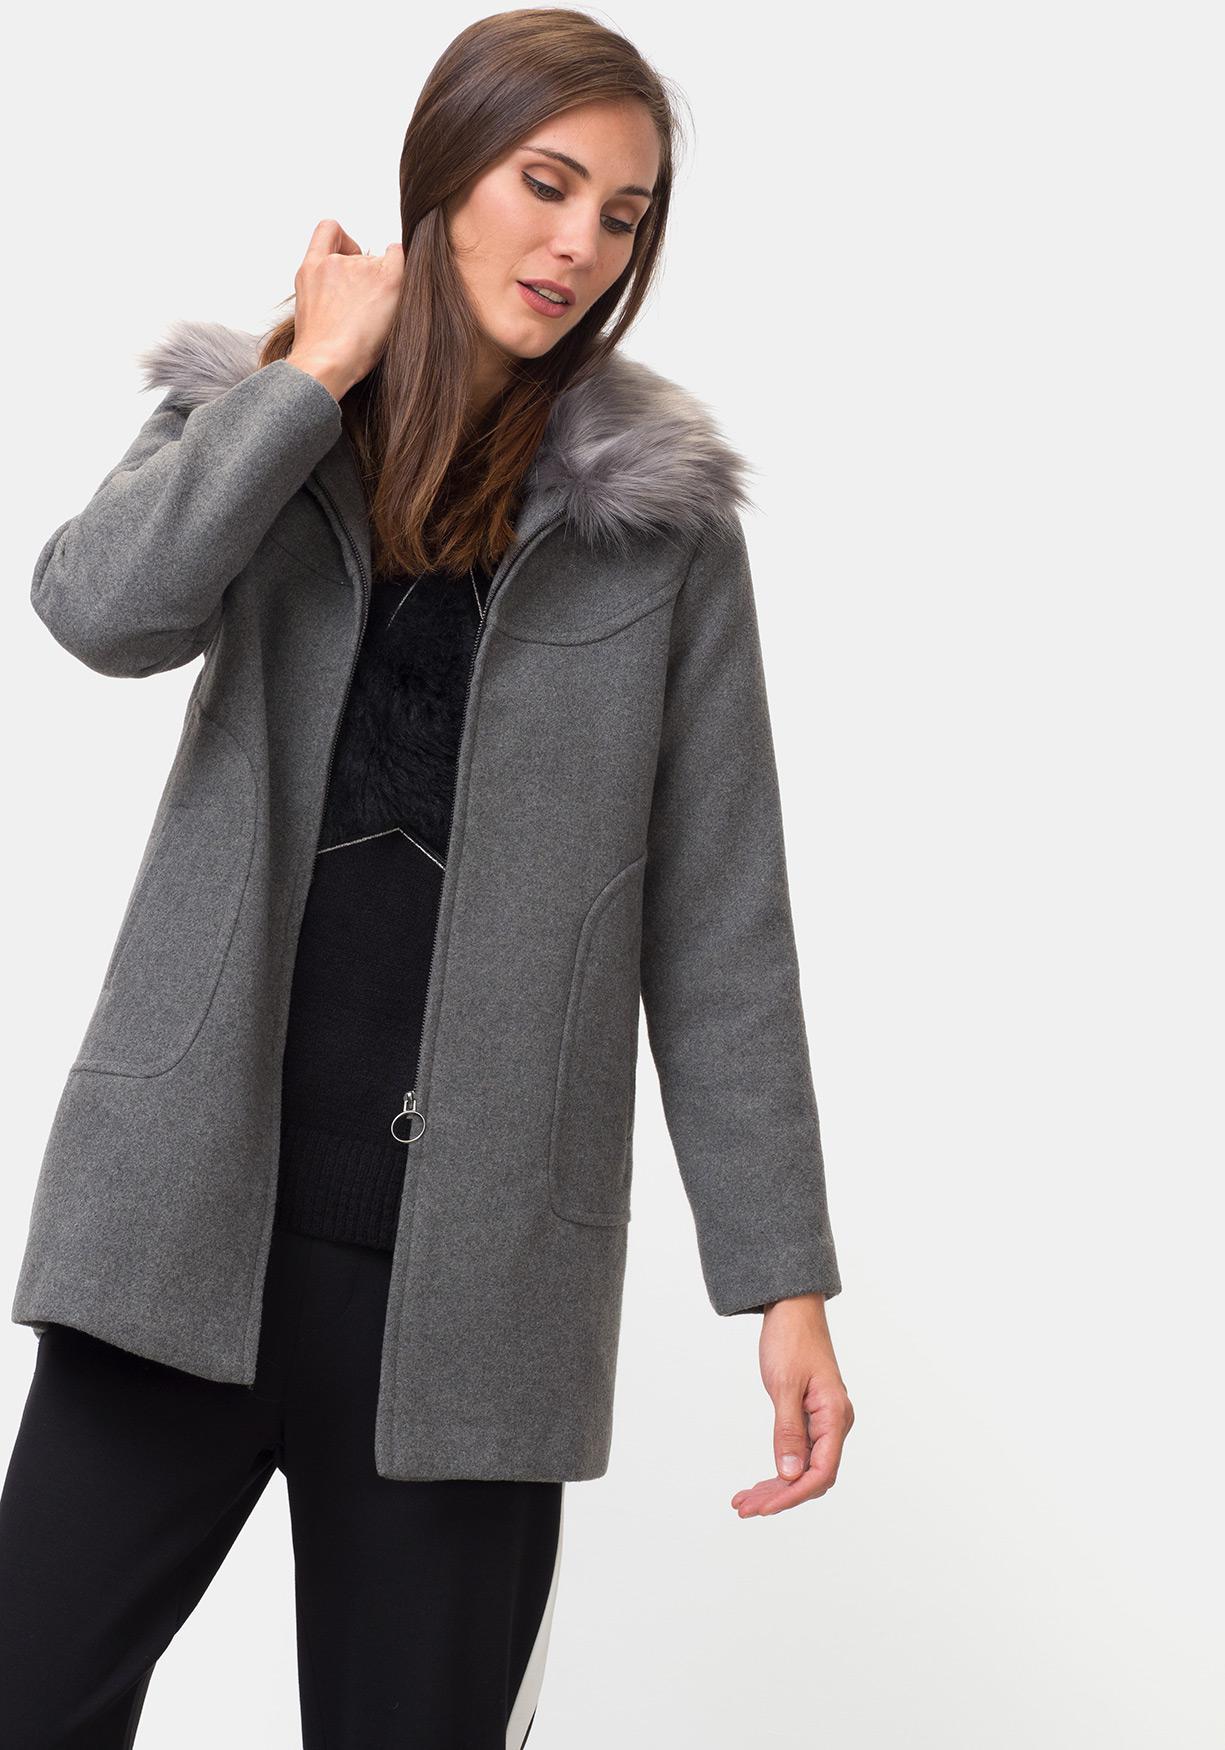 Comprar Abrigo corto de paño TEX. ¡Aprovéchate de nuestros precios y ... 20412c289bdb